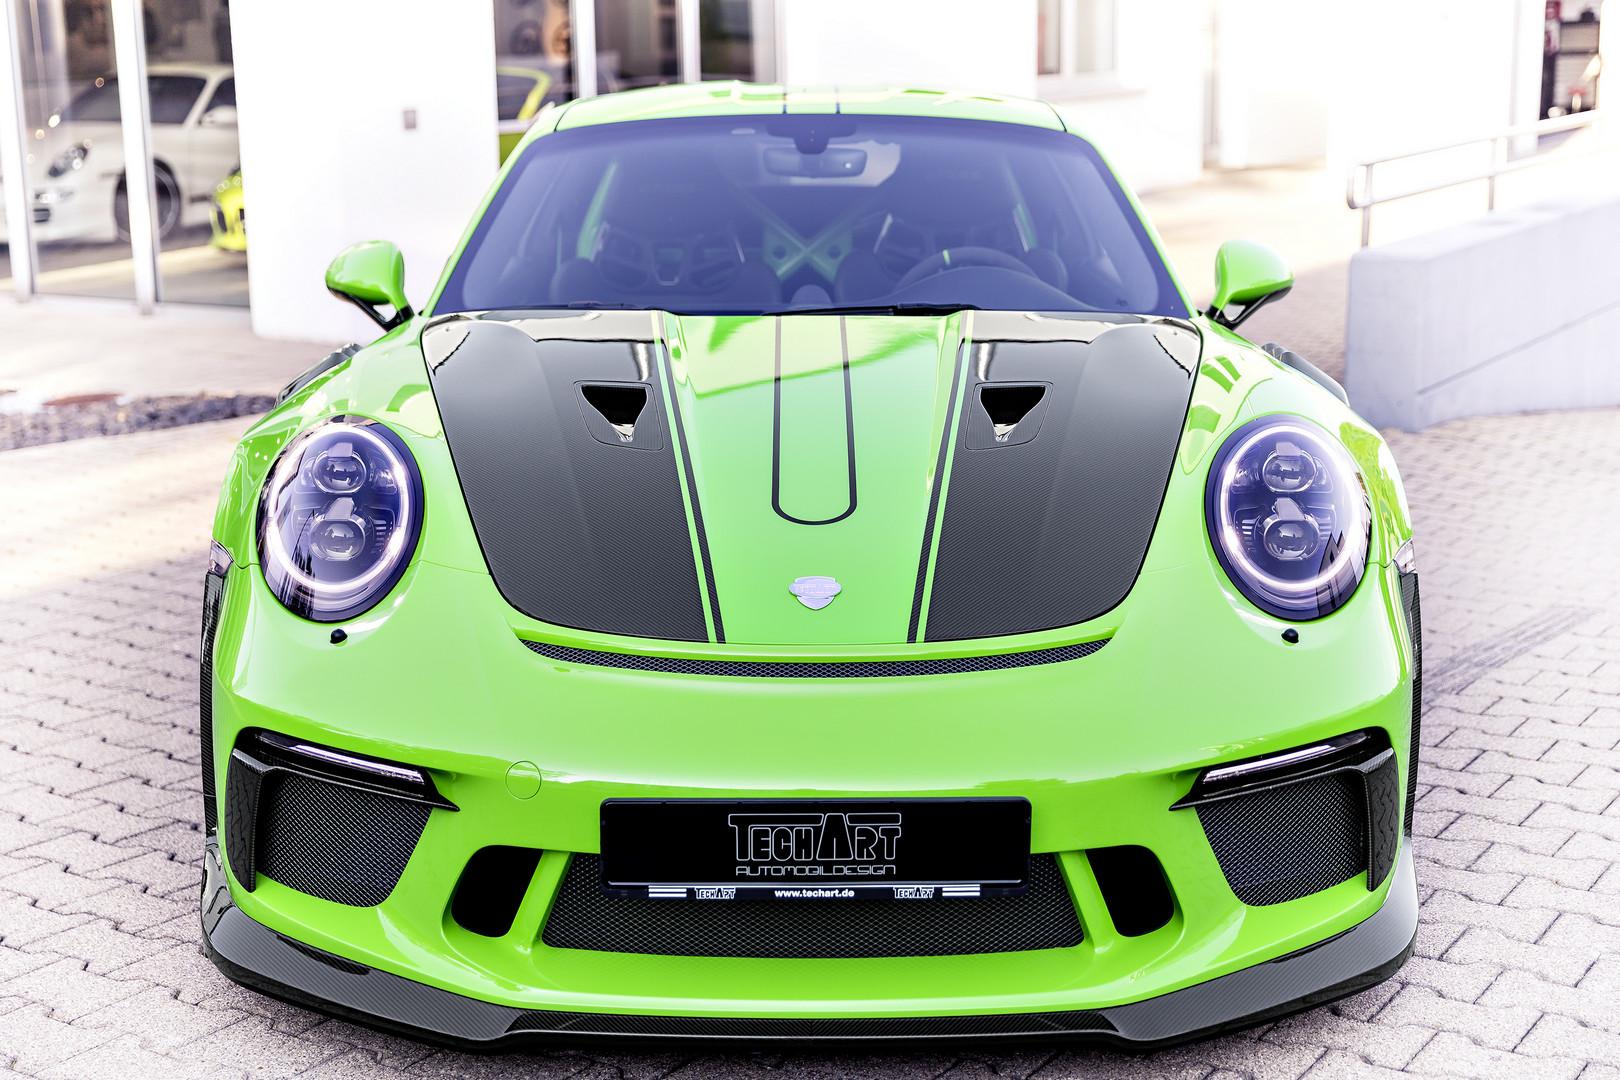 Techart Reveals Carbon Package For Porsche 991.2 GT3 RS